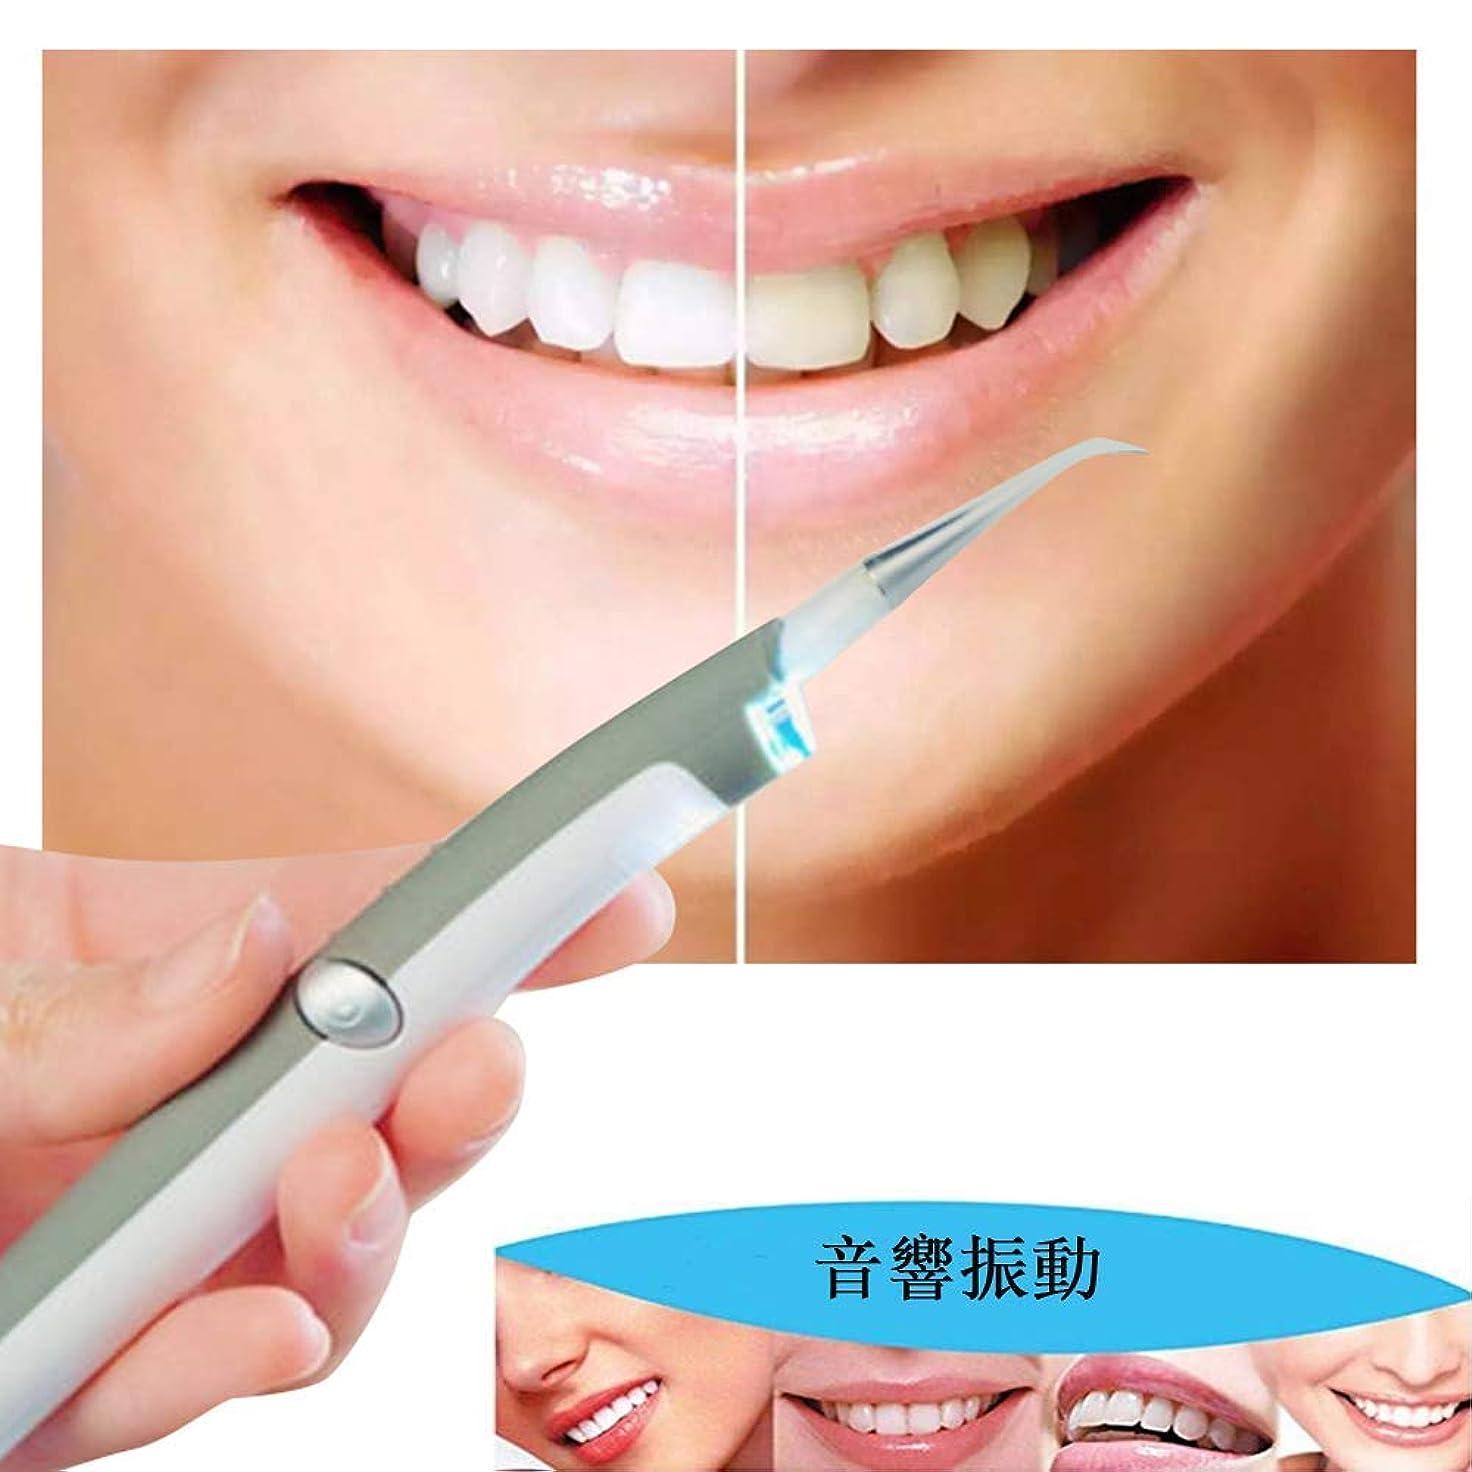 任命する旋回可塑性Carejoy LED歯科用歯ステイン消しゴム 電動デンタルステインプラークリムーバー 歯科クリーニングシステム 歯クリーナー 歯科汚れリムーバー LEDの歯汚れ消しゴムプラークリムーバー 口腔衛生ケアのためのプロフェッショナルな歯科用クリーニングツール ホワイトナー 家庭用